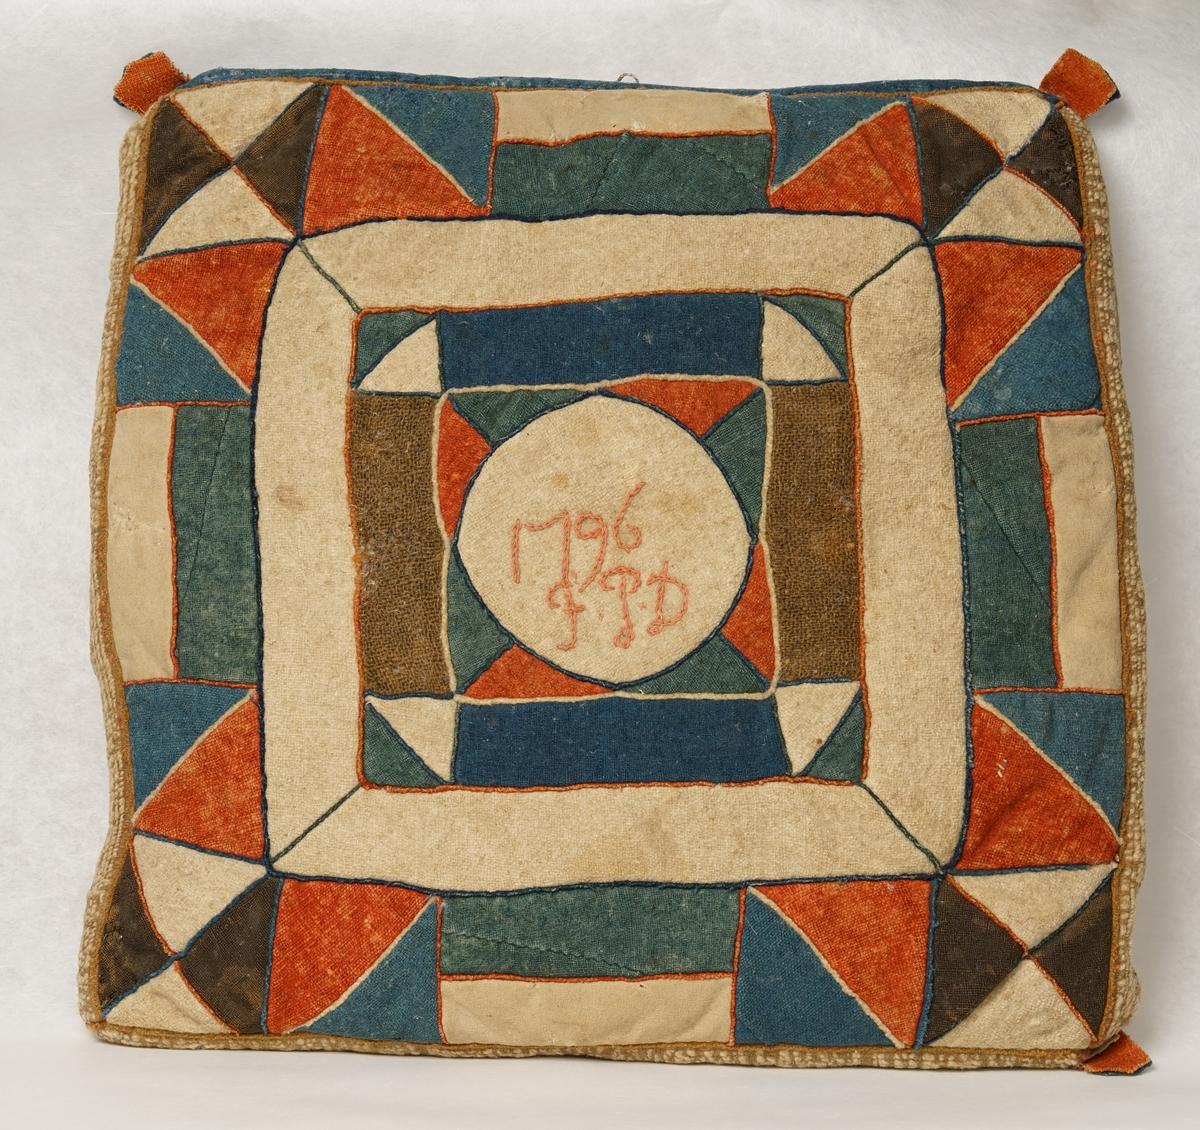 Skarvsömsdyna med framsida av yllelappar i flera olika färger: rött, blått, grönt, vitt och brunt. Kudden är märkt med broderi i mitten 1796 F.P.D . Baksidan är av linnelärft, sekundärt.